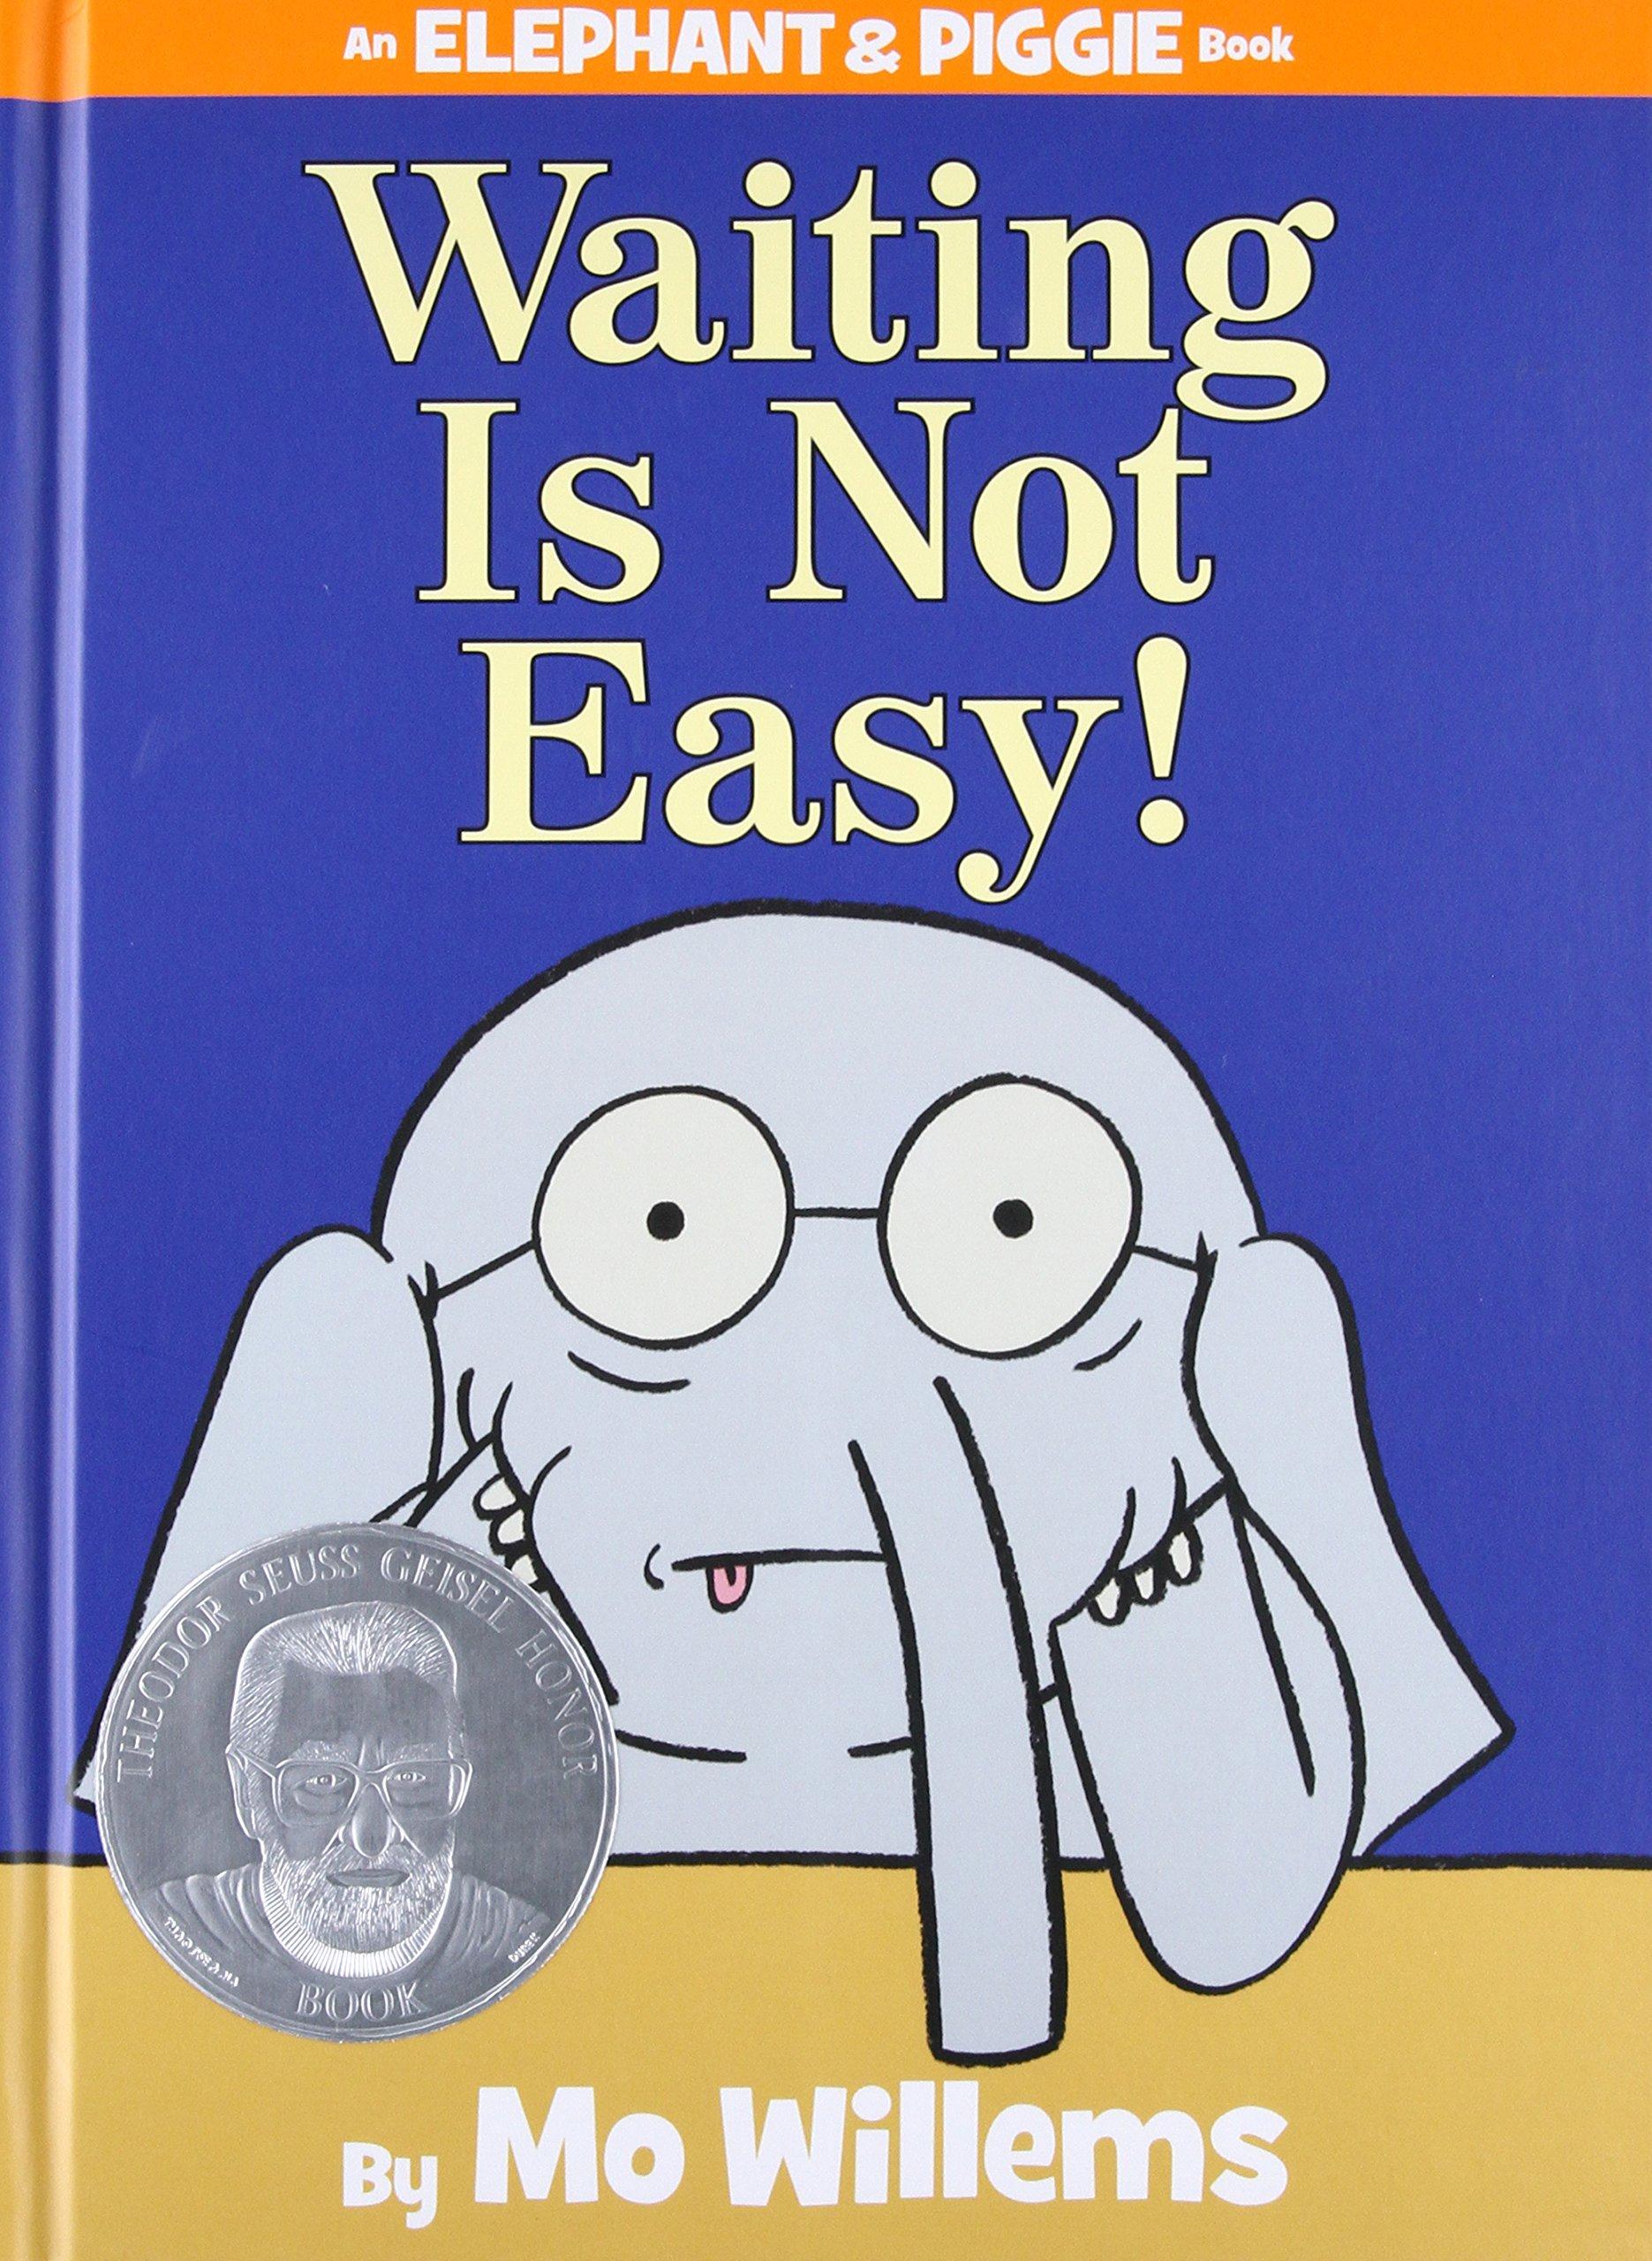 eaiting is not easy.jpg